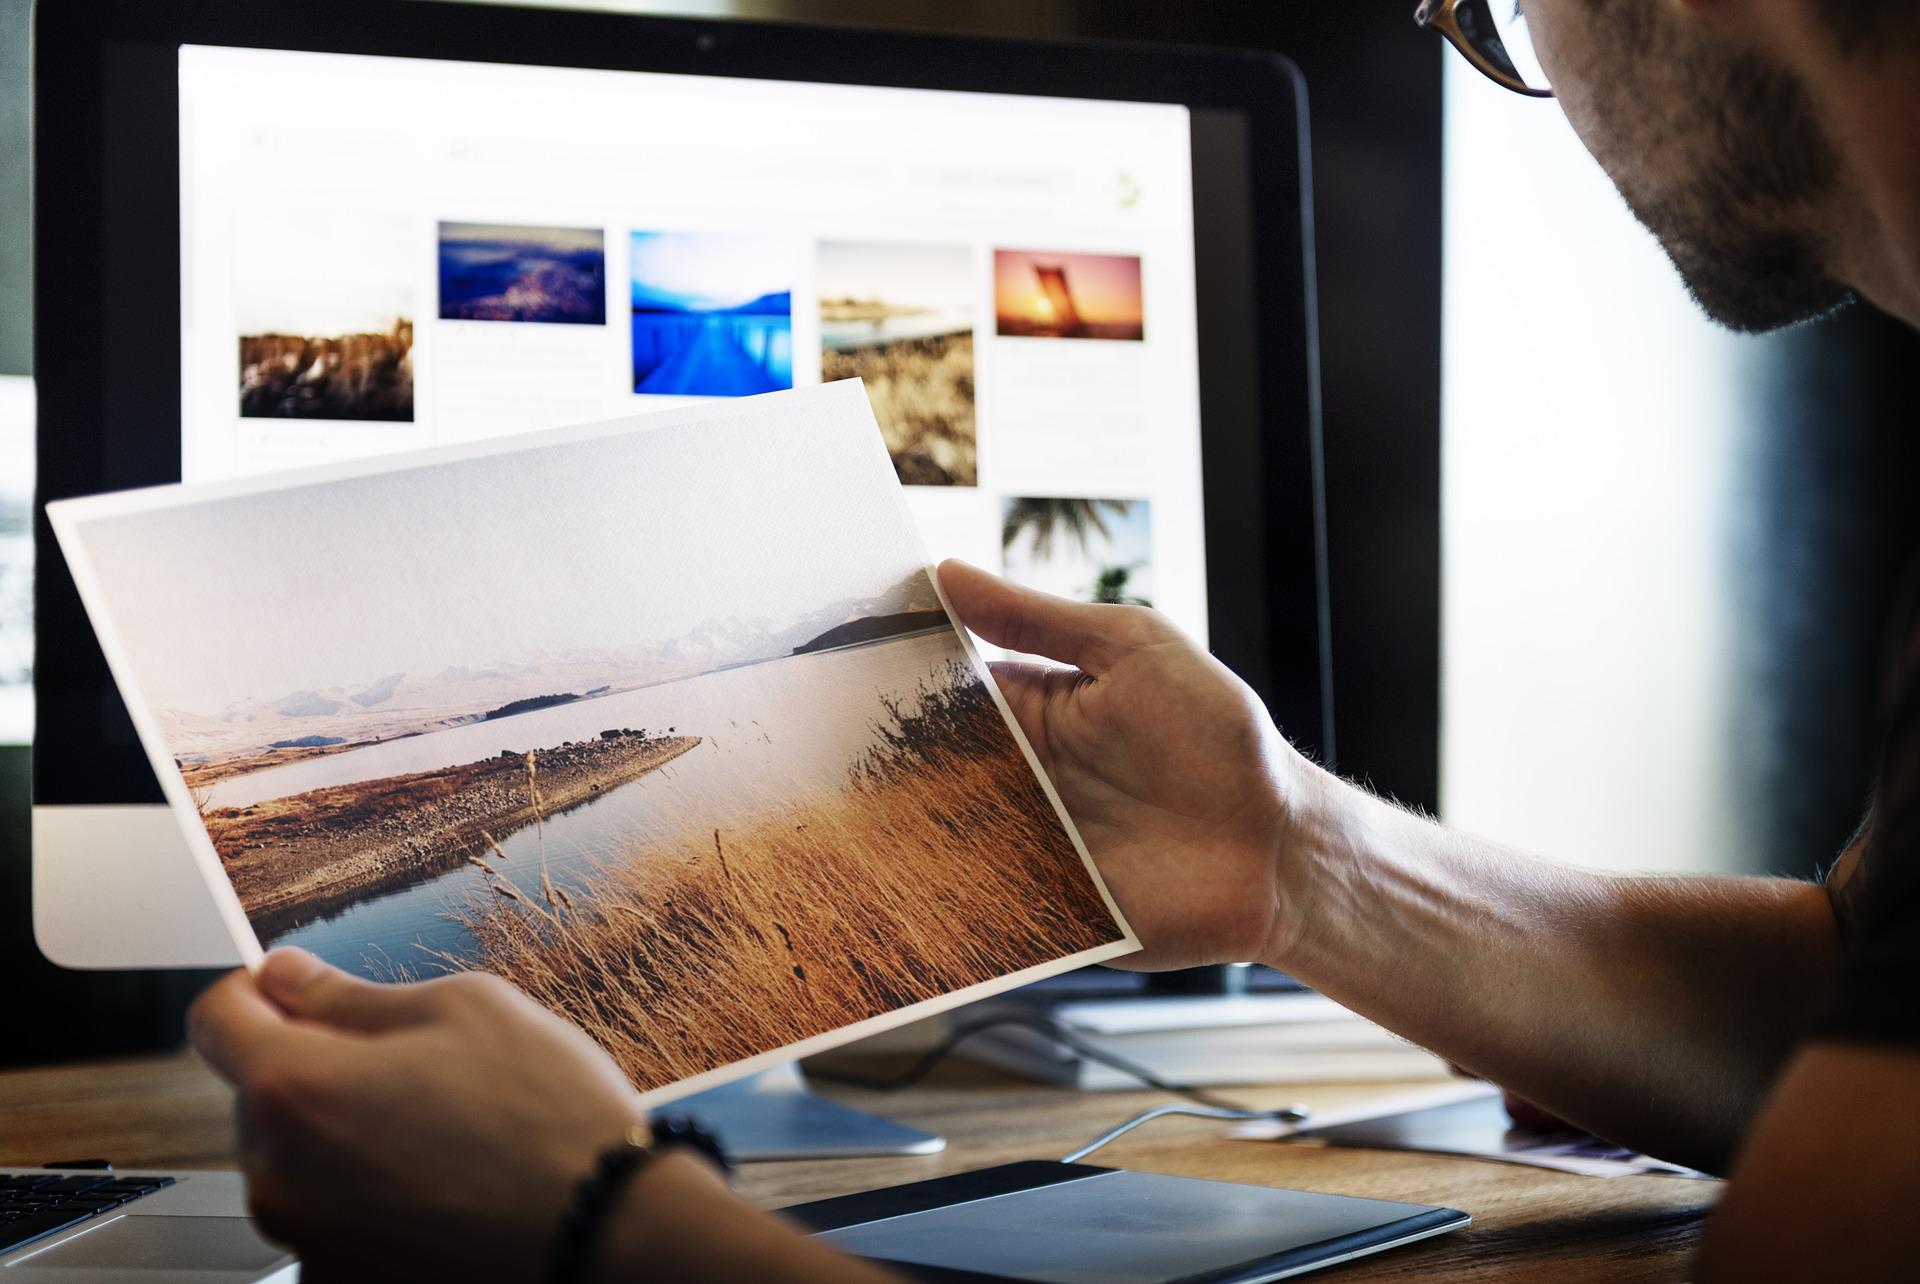 Hazte con el control de imágenes y fotografías si usas Chrome